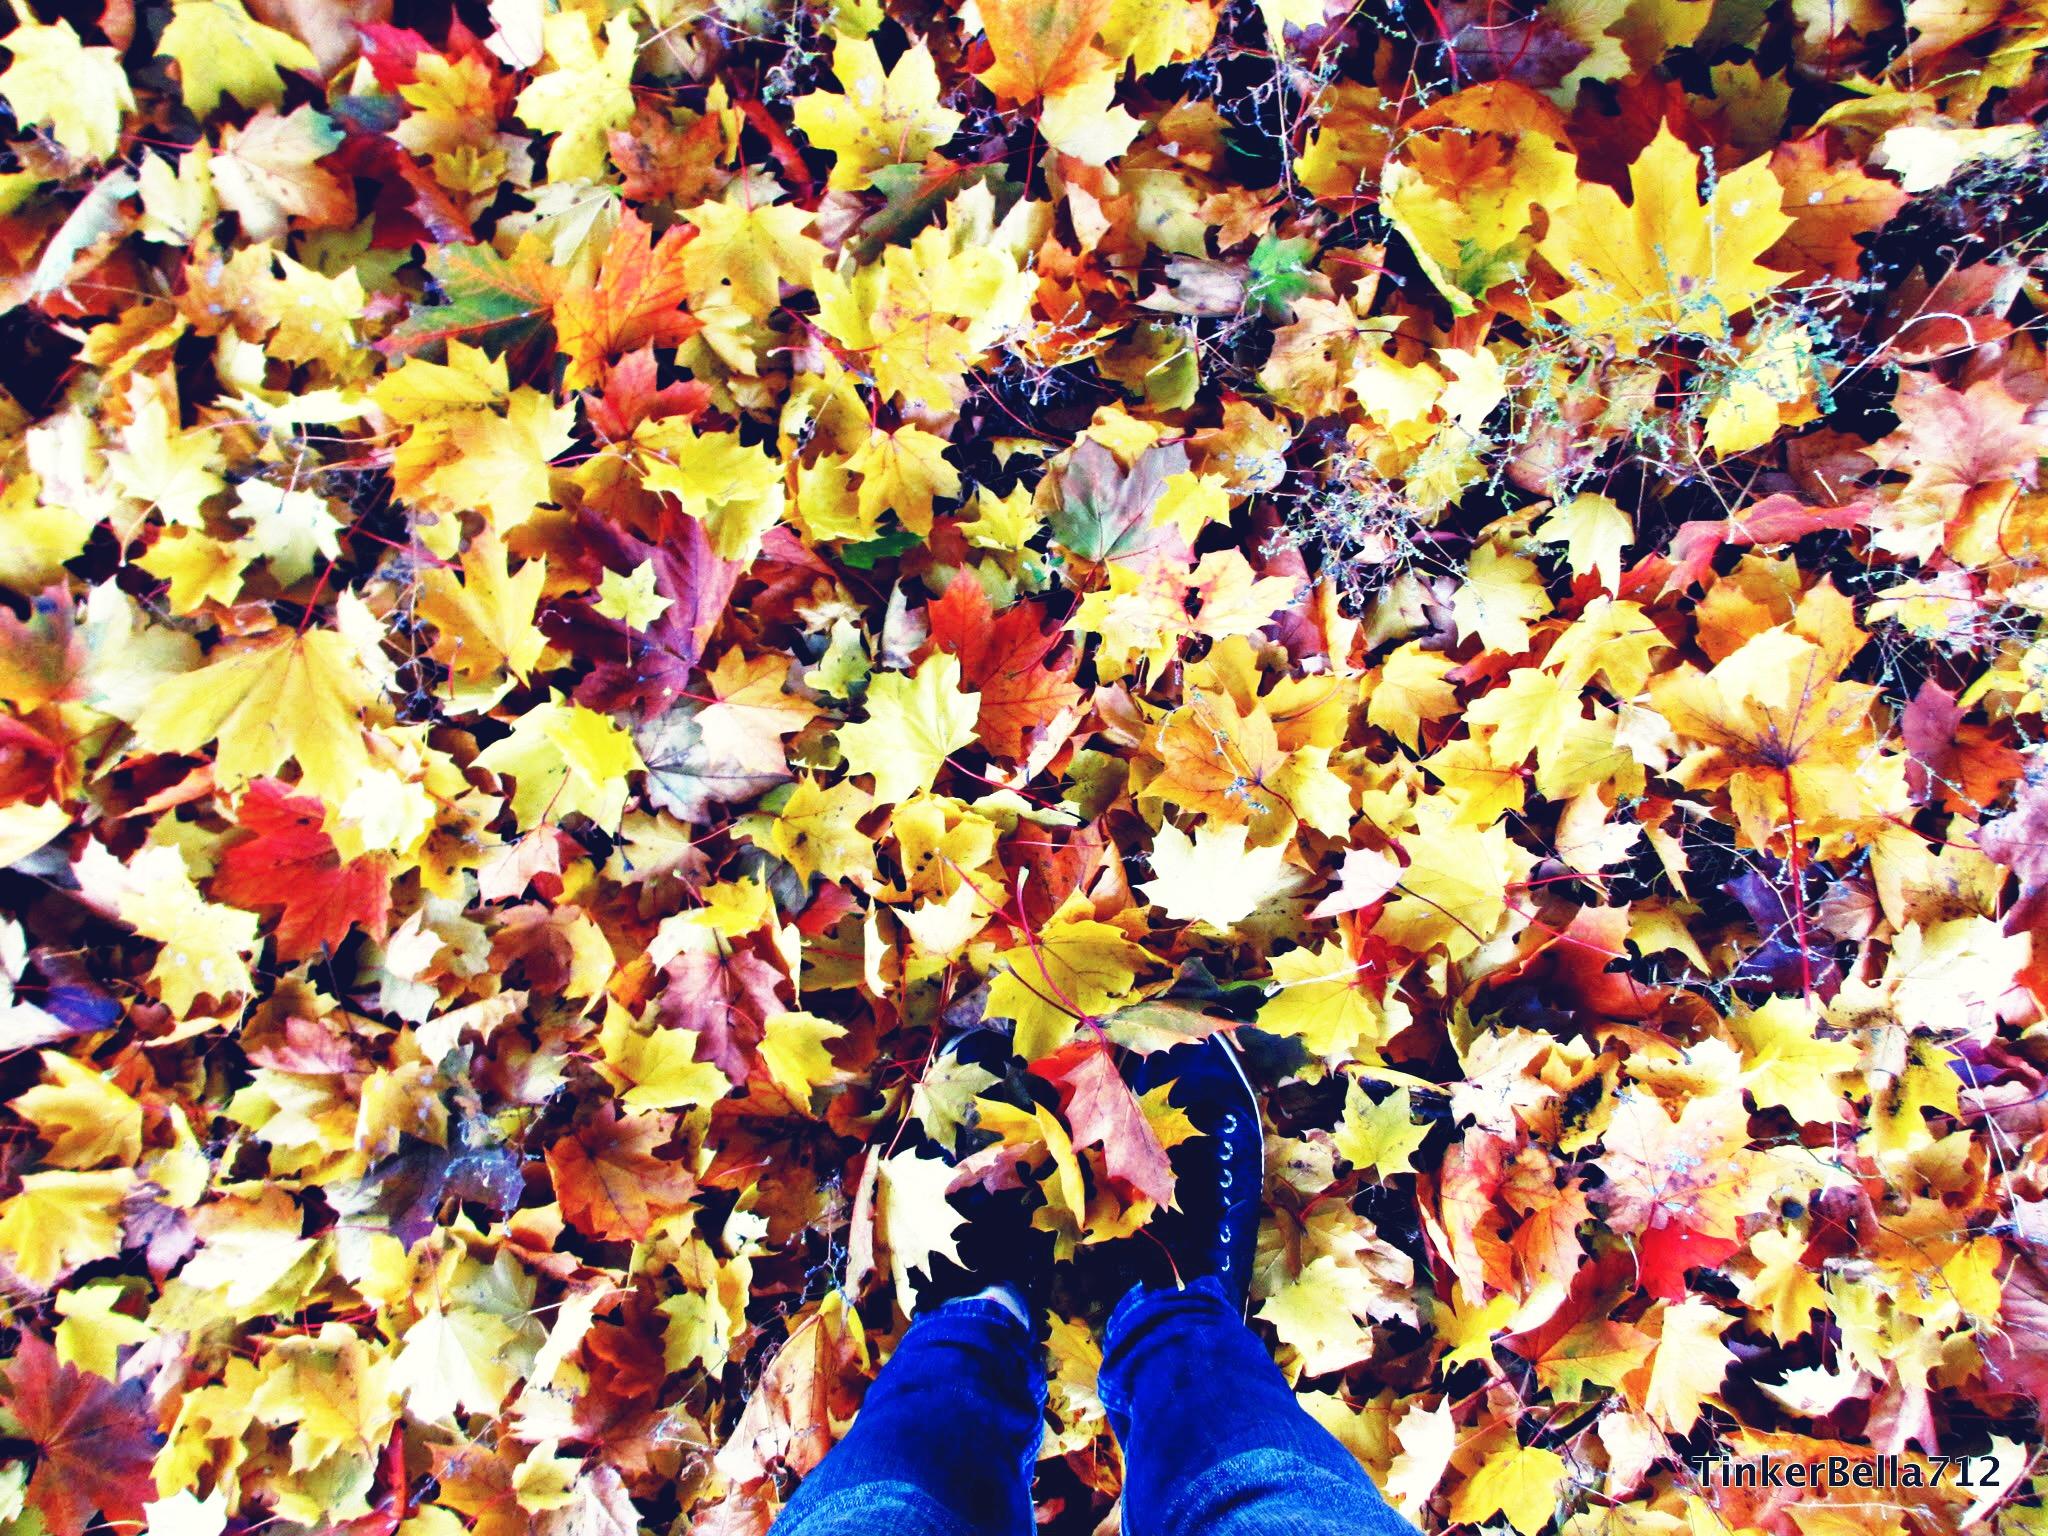 Laubhaufen mit Füßen - Fotoidee für den Herbst